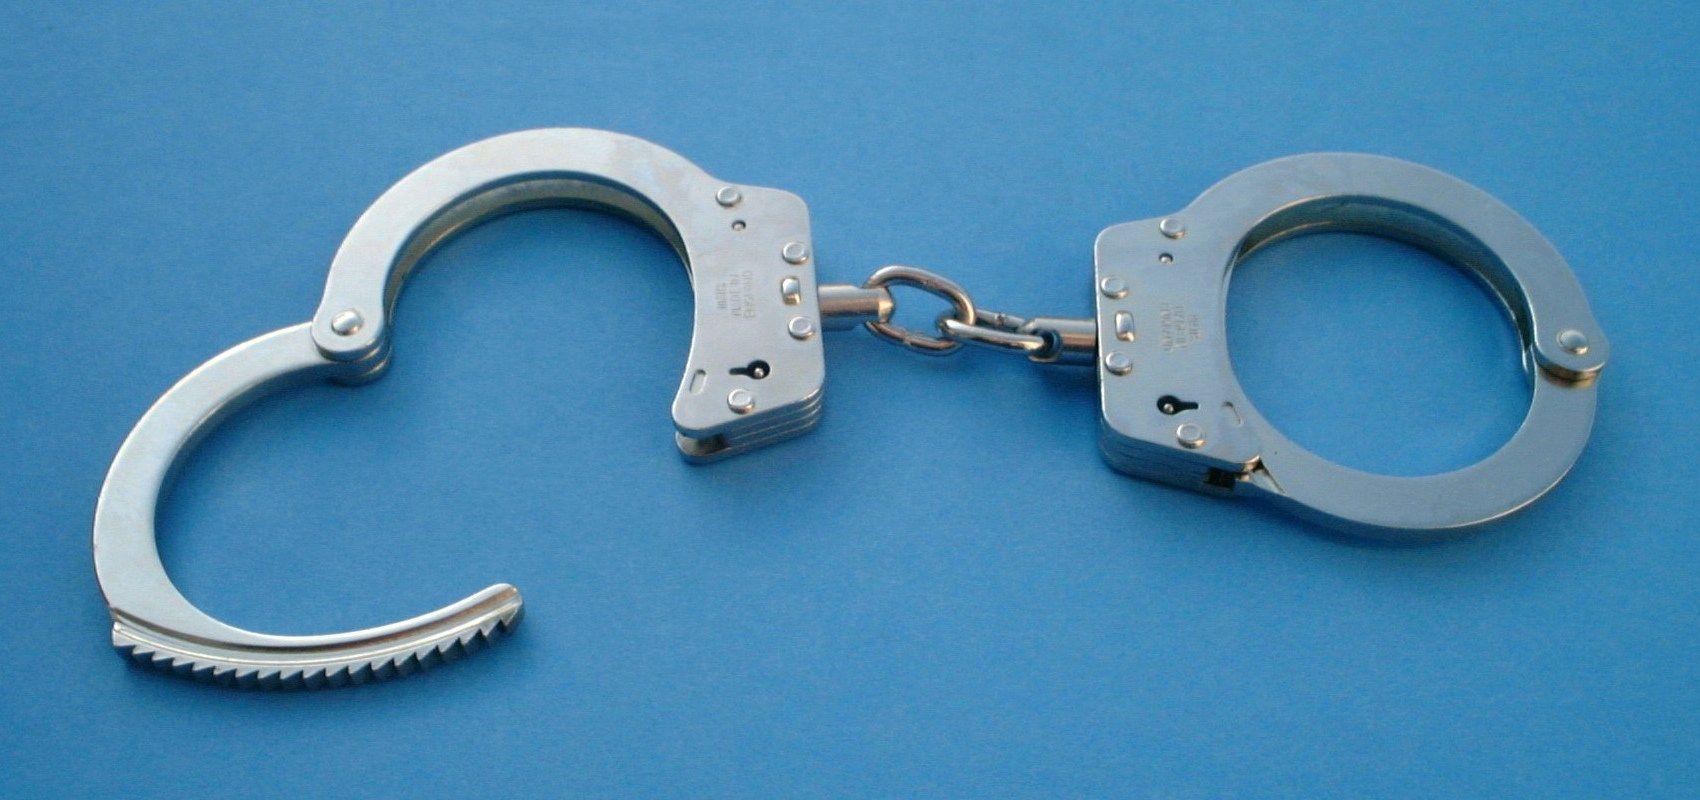 La grogne monte chez les policiers contre le projet de la garde des Sceaux de rendre exceptionnelle la peine d'emprisonnement.